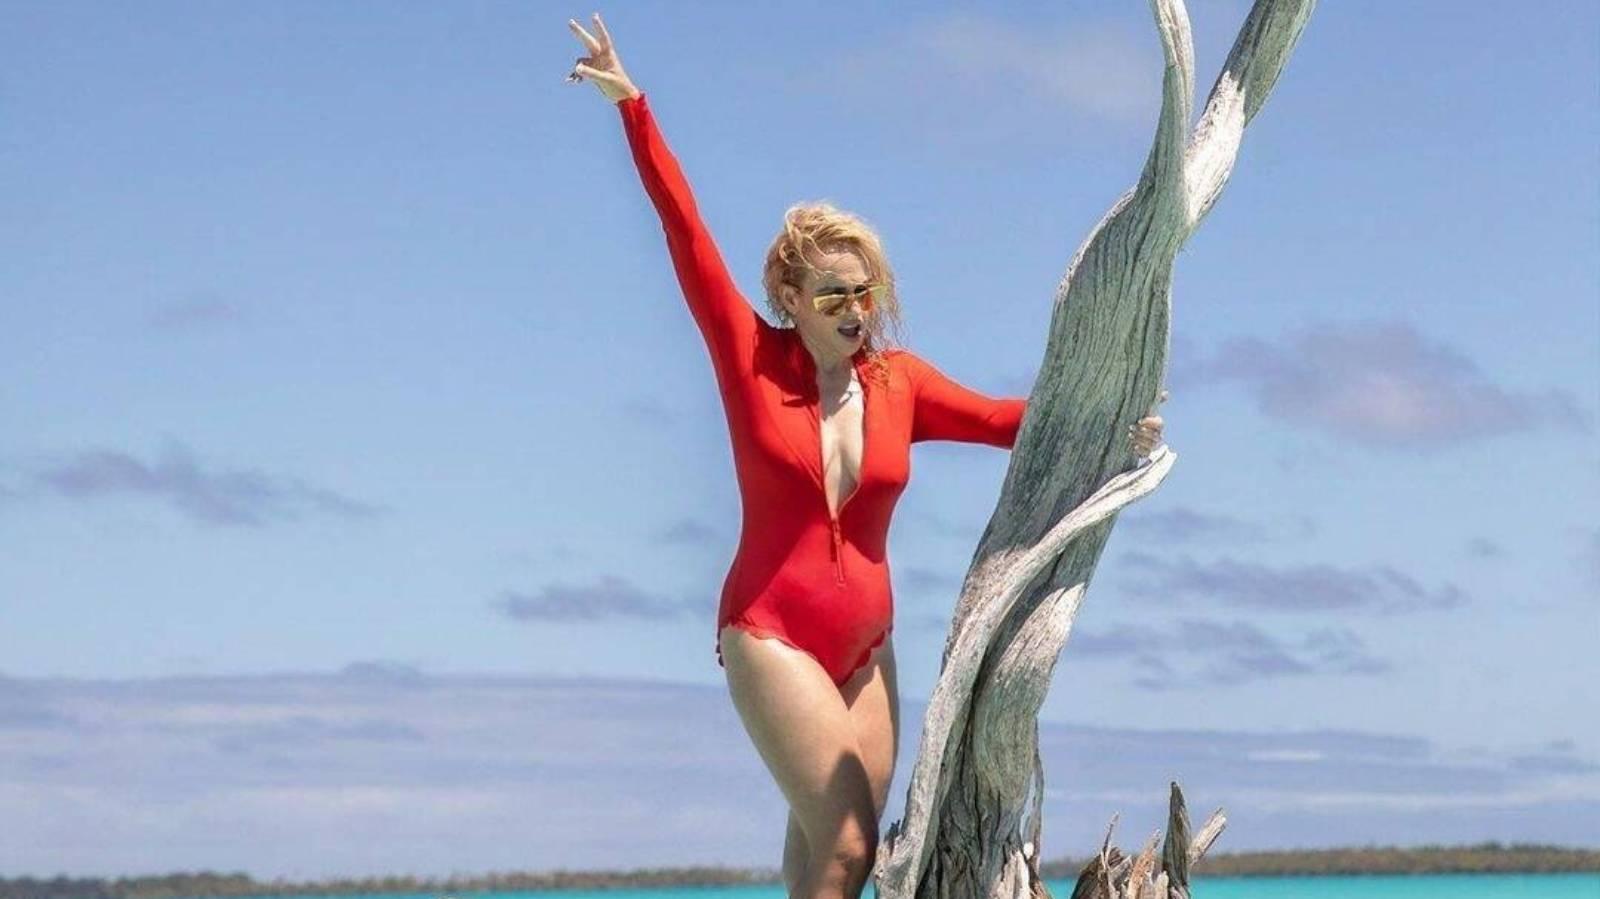 Rebel Wilson's island getaway motivation